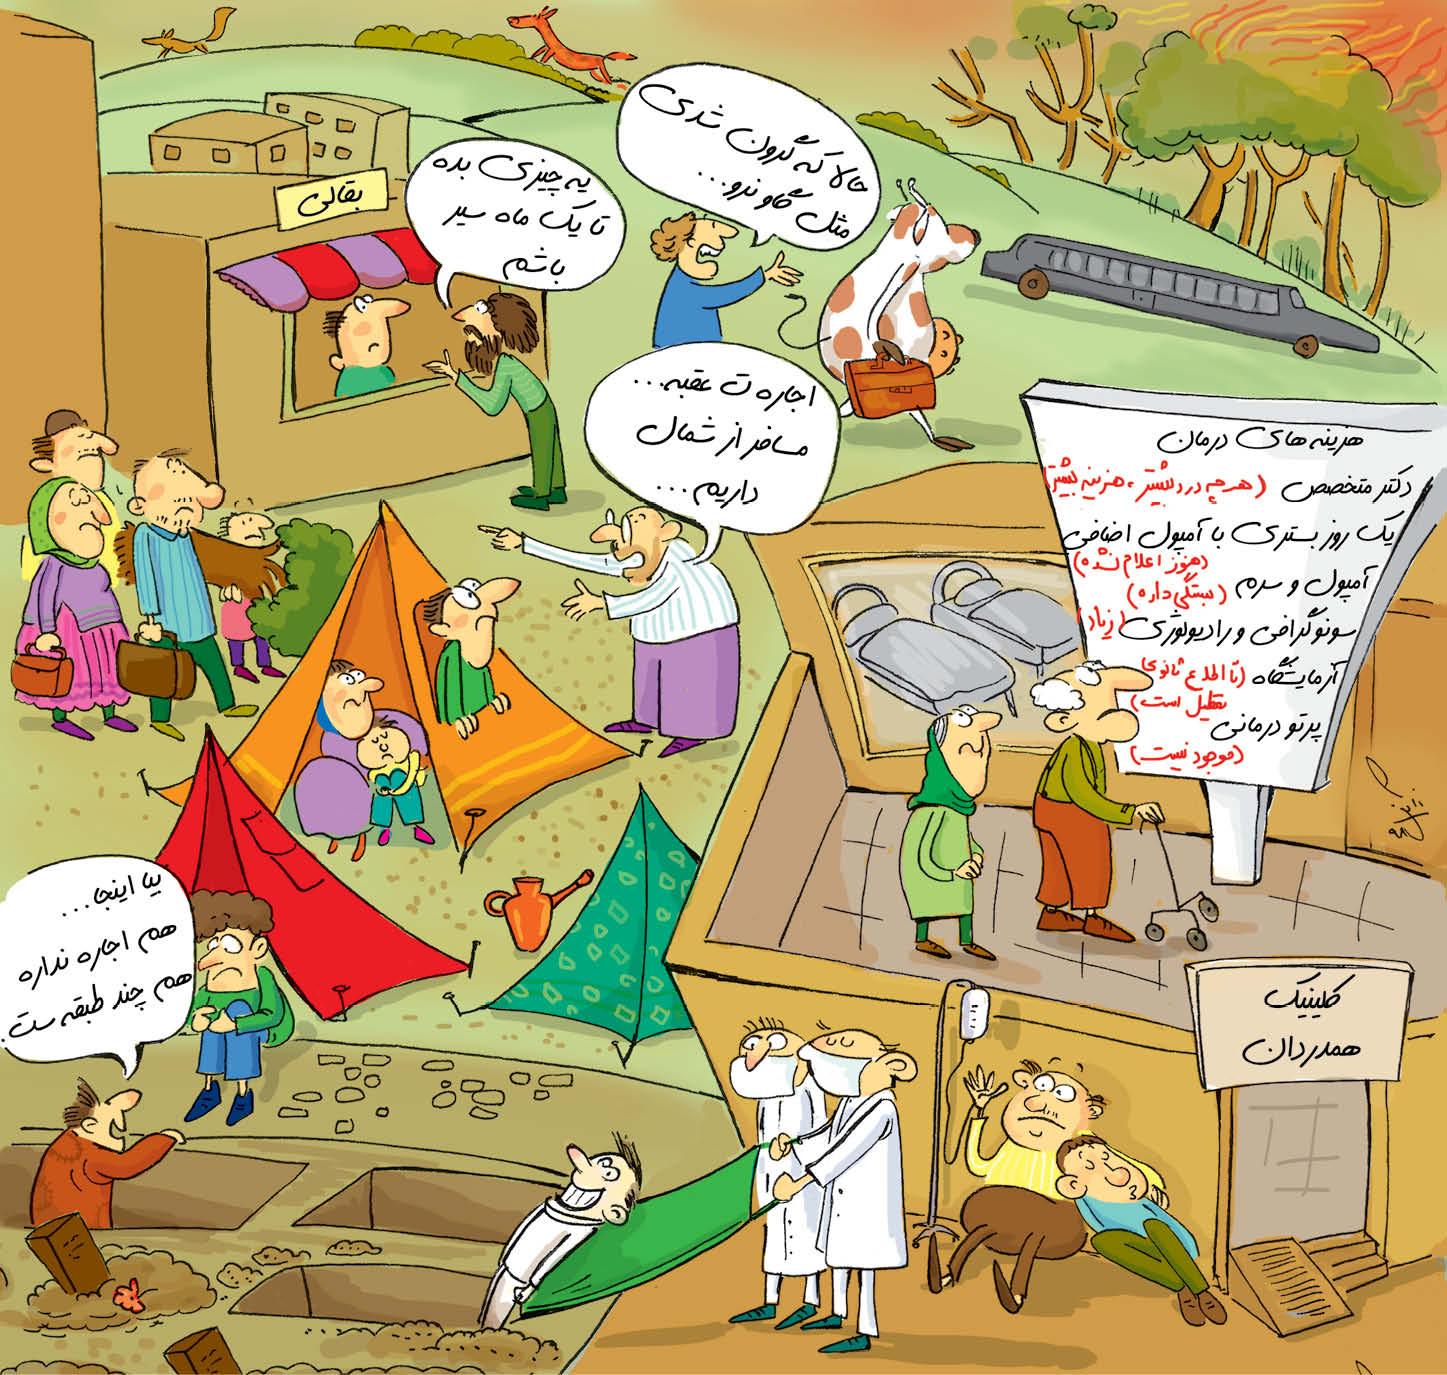 کارتونیست: نگین نقیه